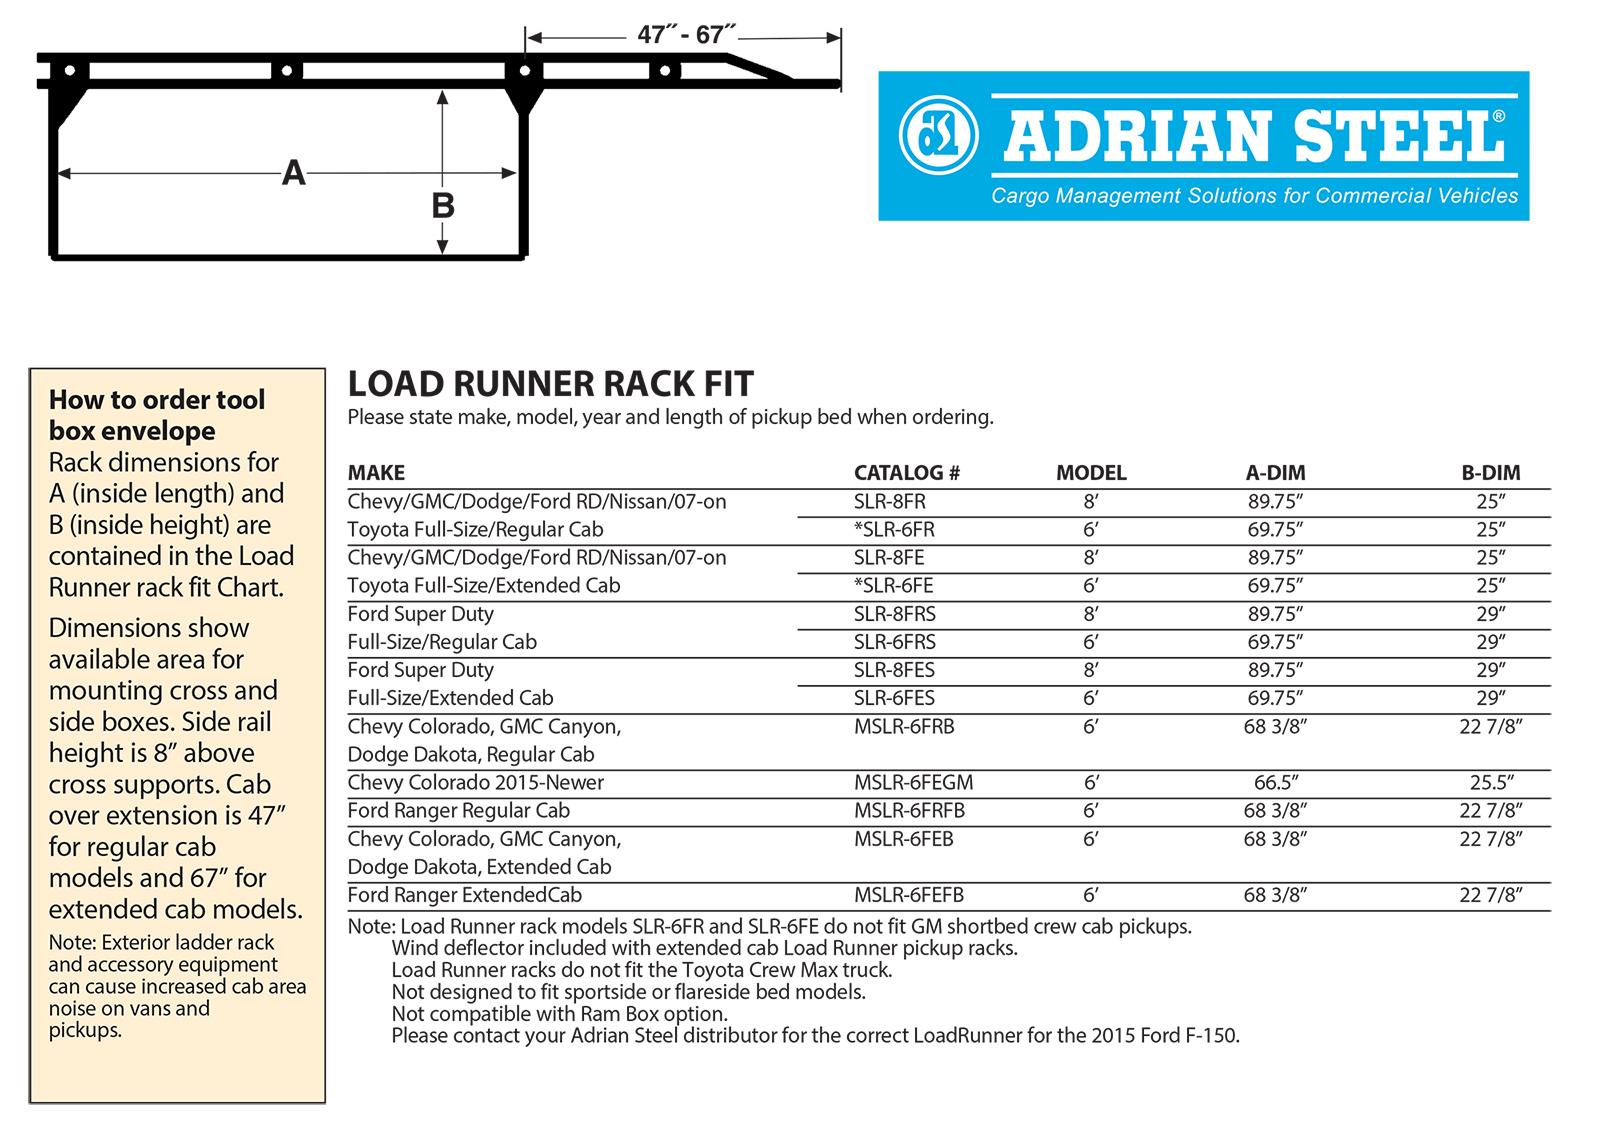 adrian-steel-loadrunner-reference.jpg